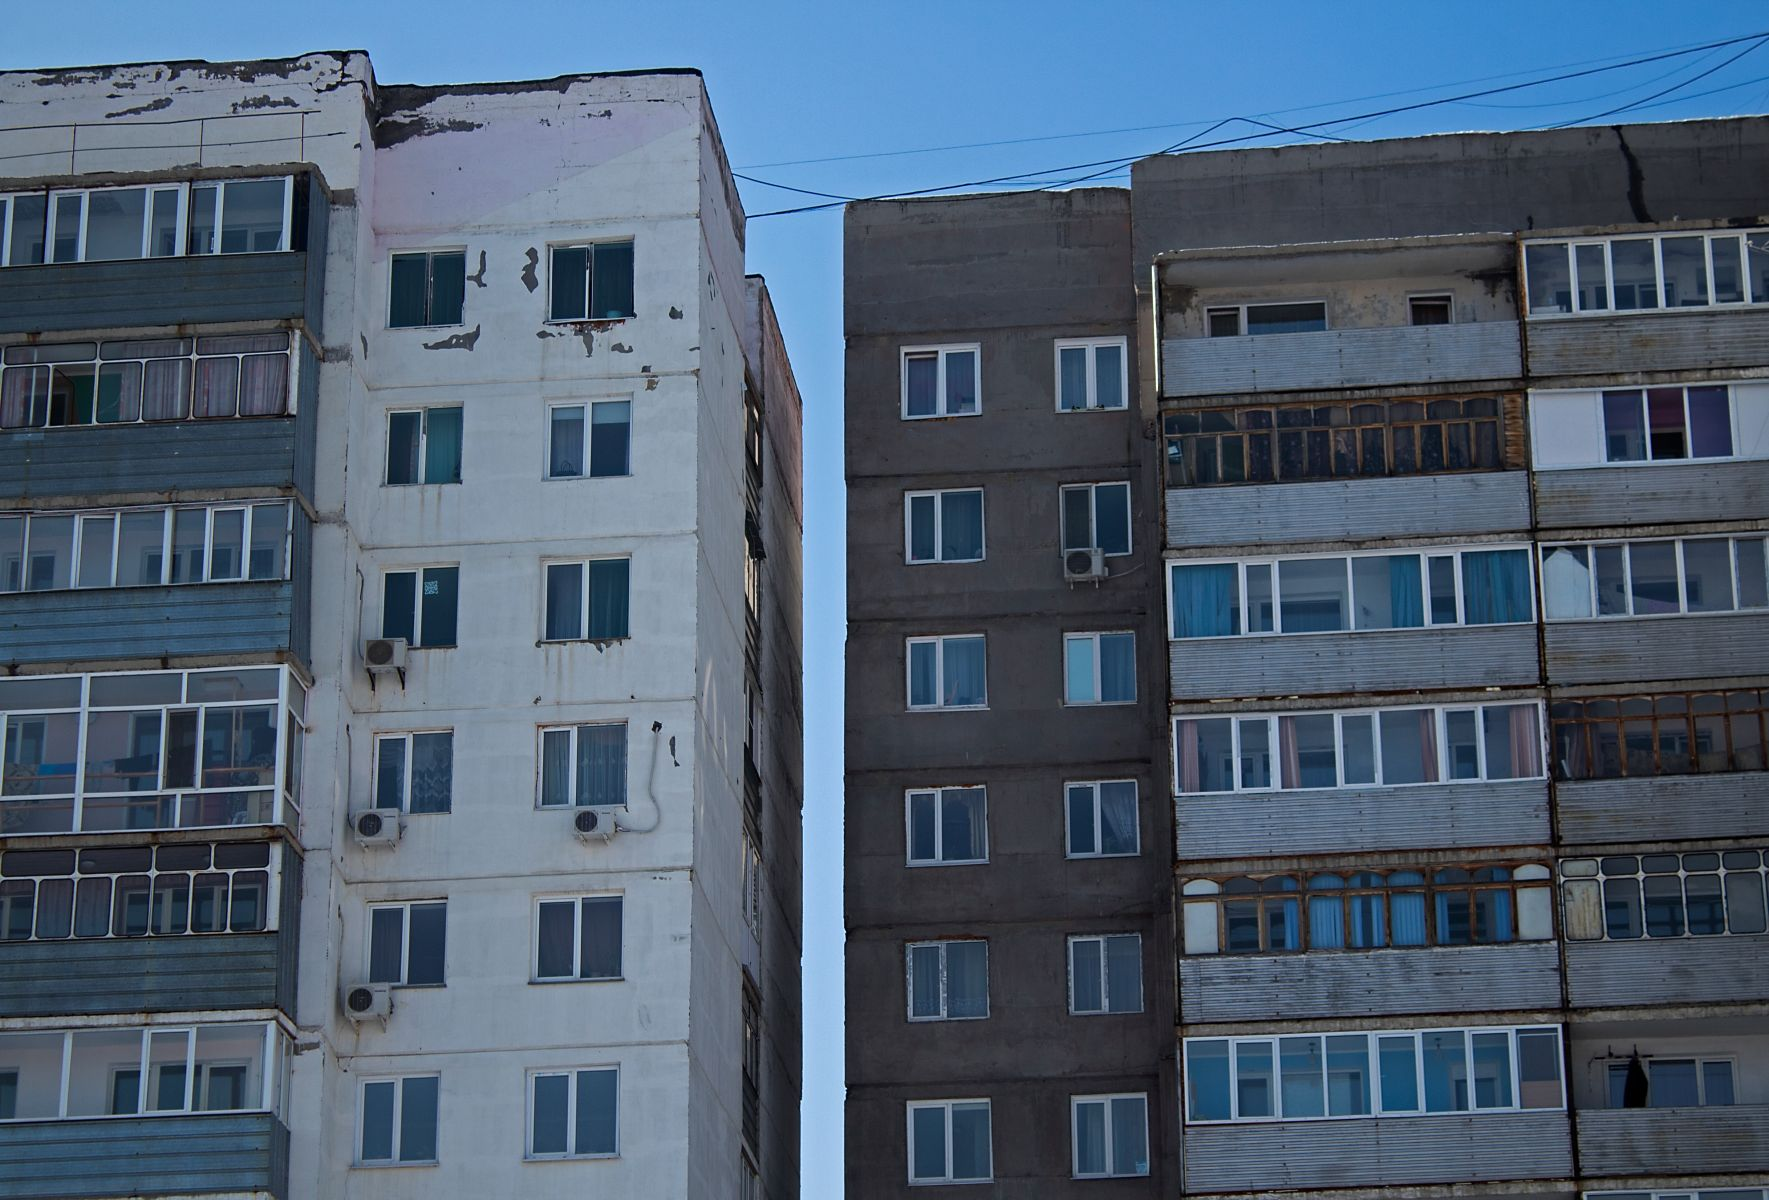 台北雅房包水包電 這樣租金2700你敢住嗎?